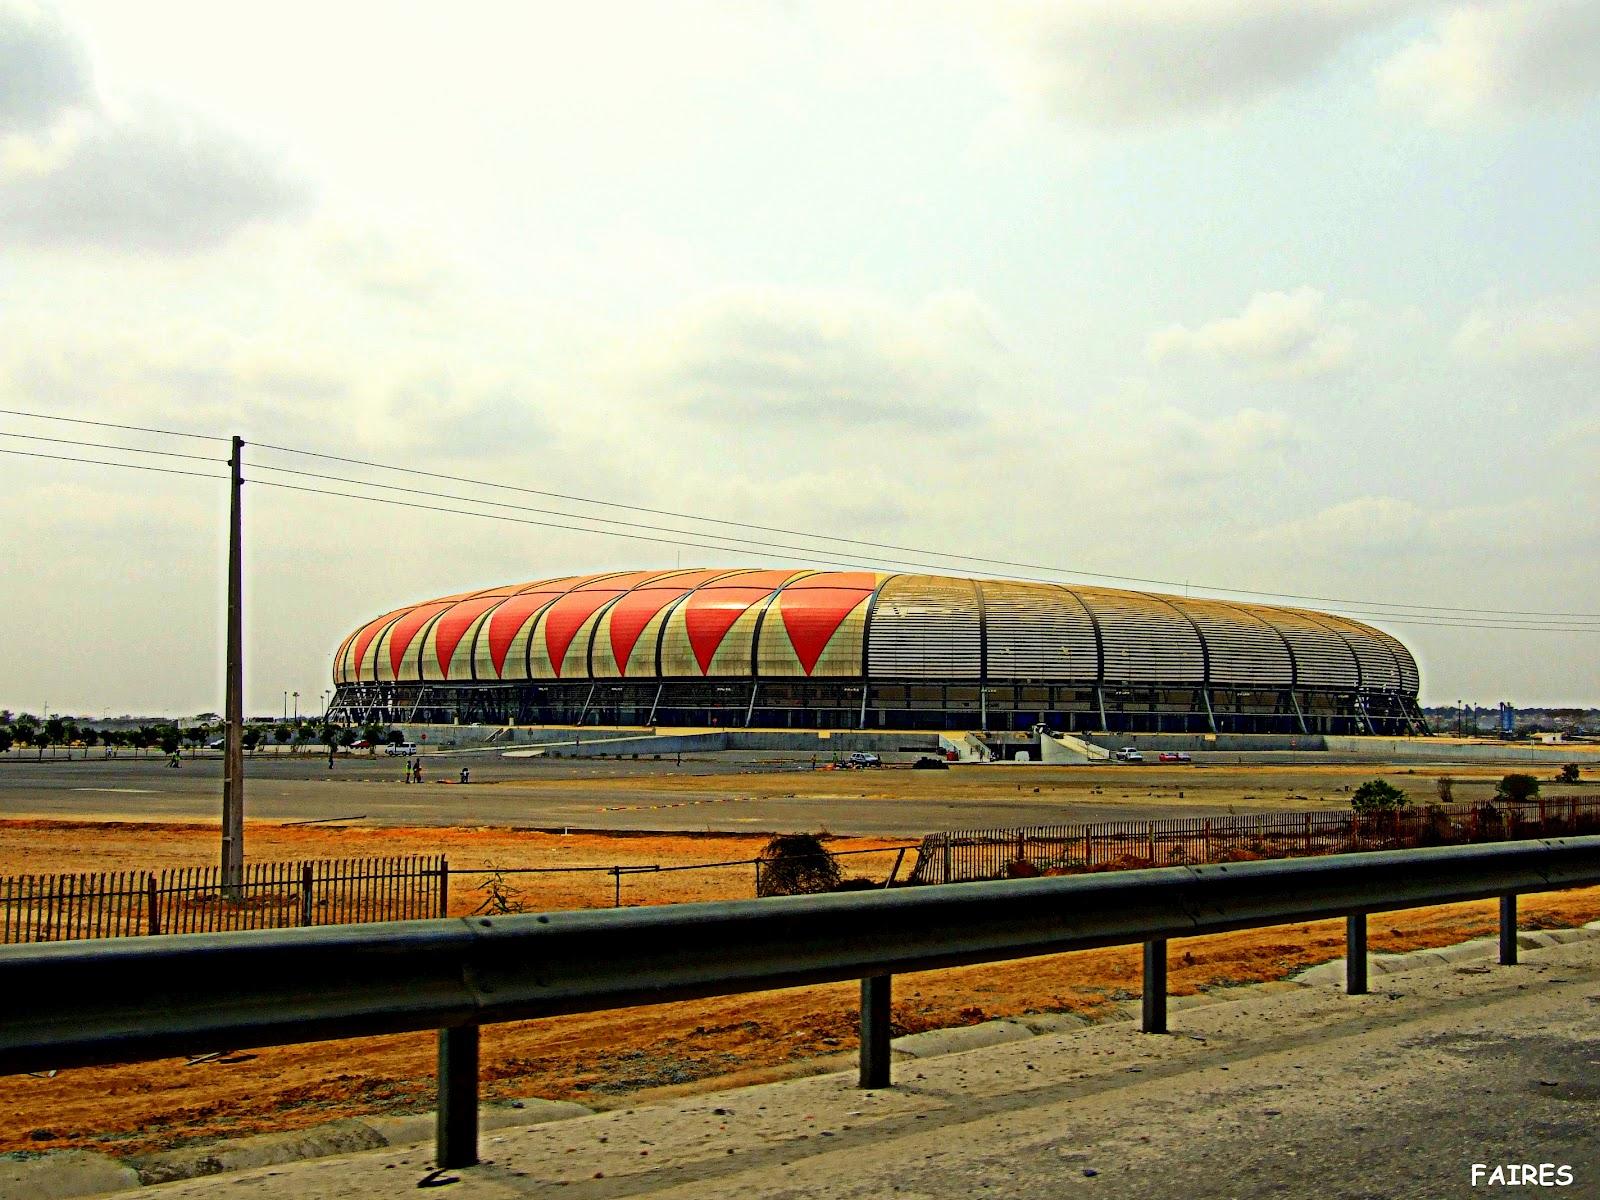 tribunal decreta demolição de obras no estádio 11 de novembro - DSCF6539 - Tribunal decreta demolição de obras no Estádio 11 de Novembro